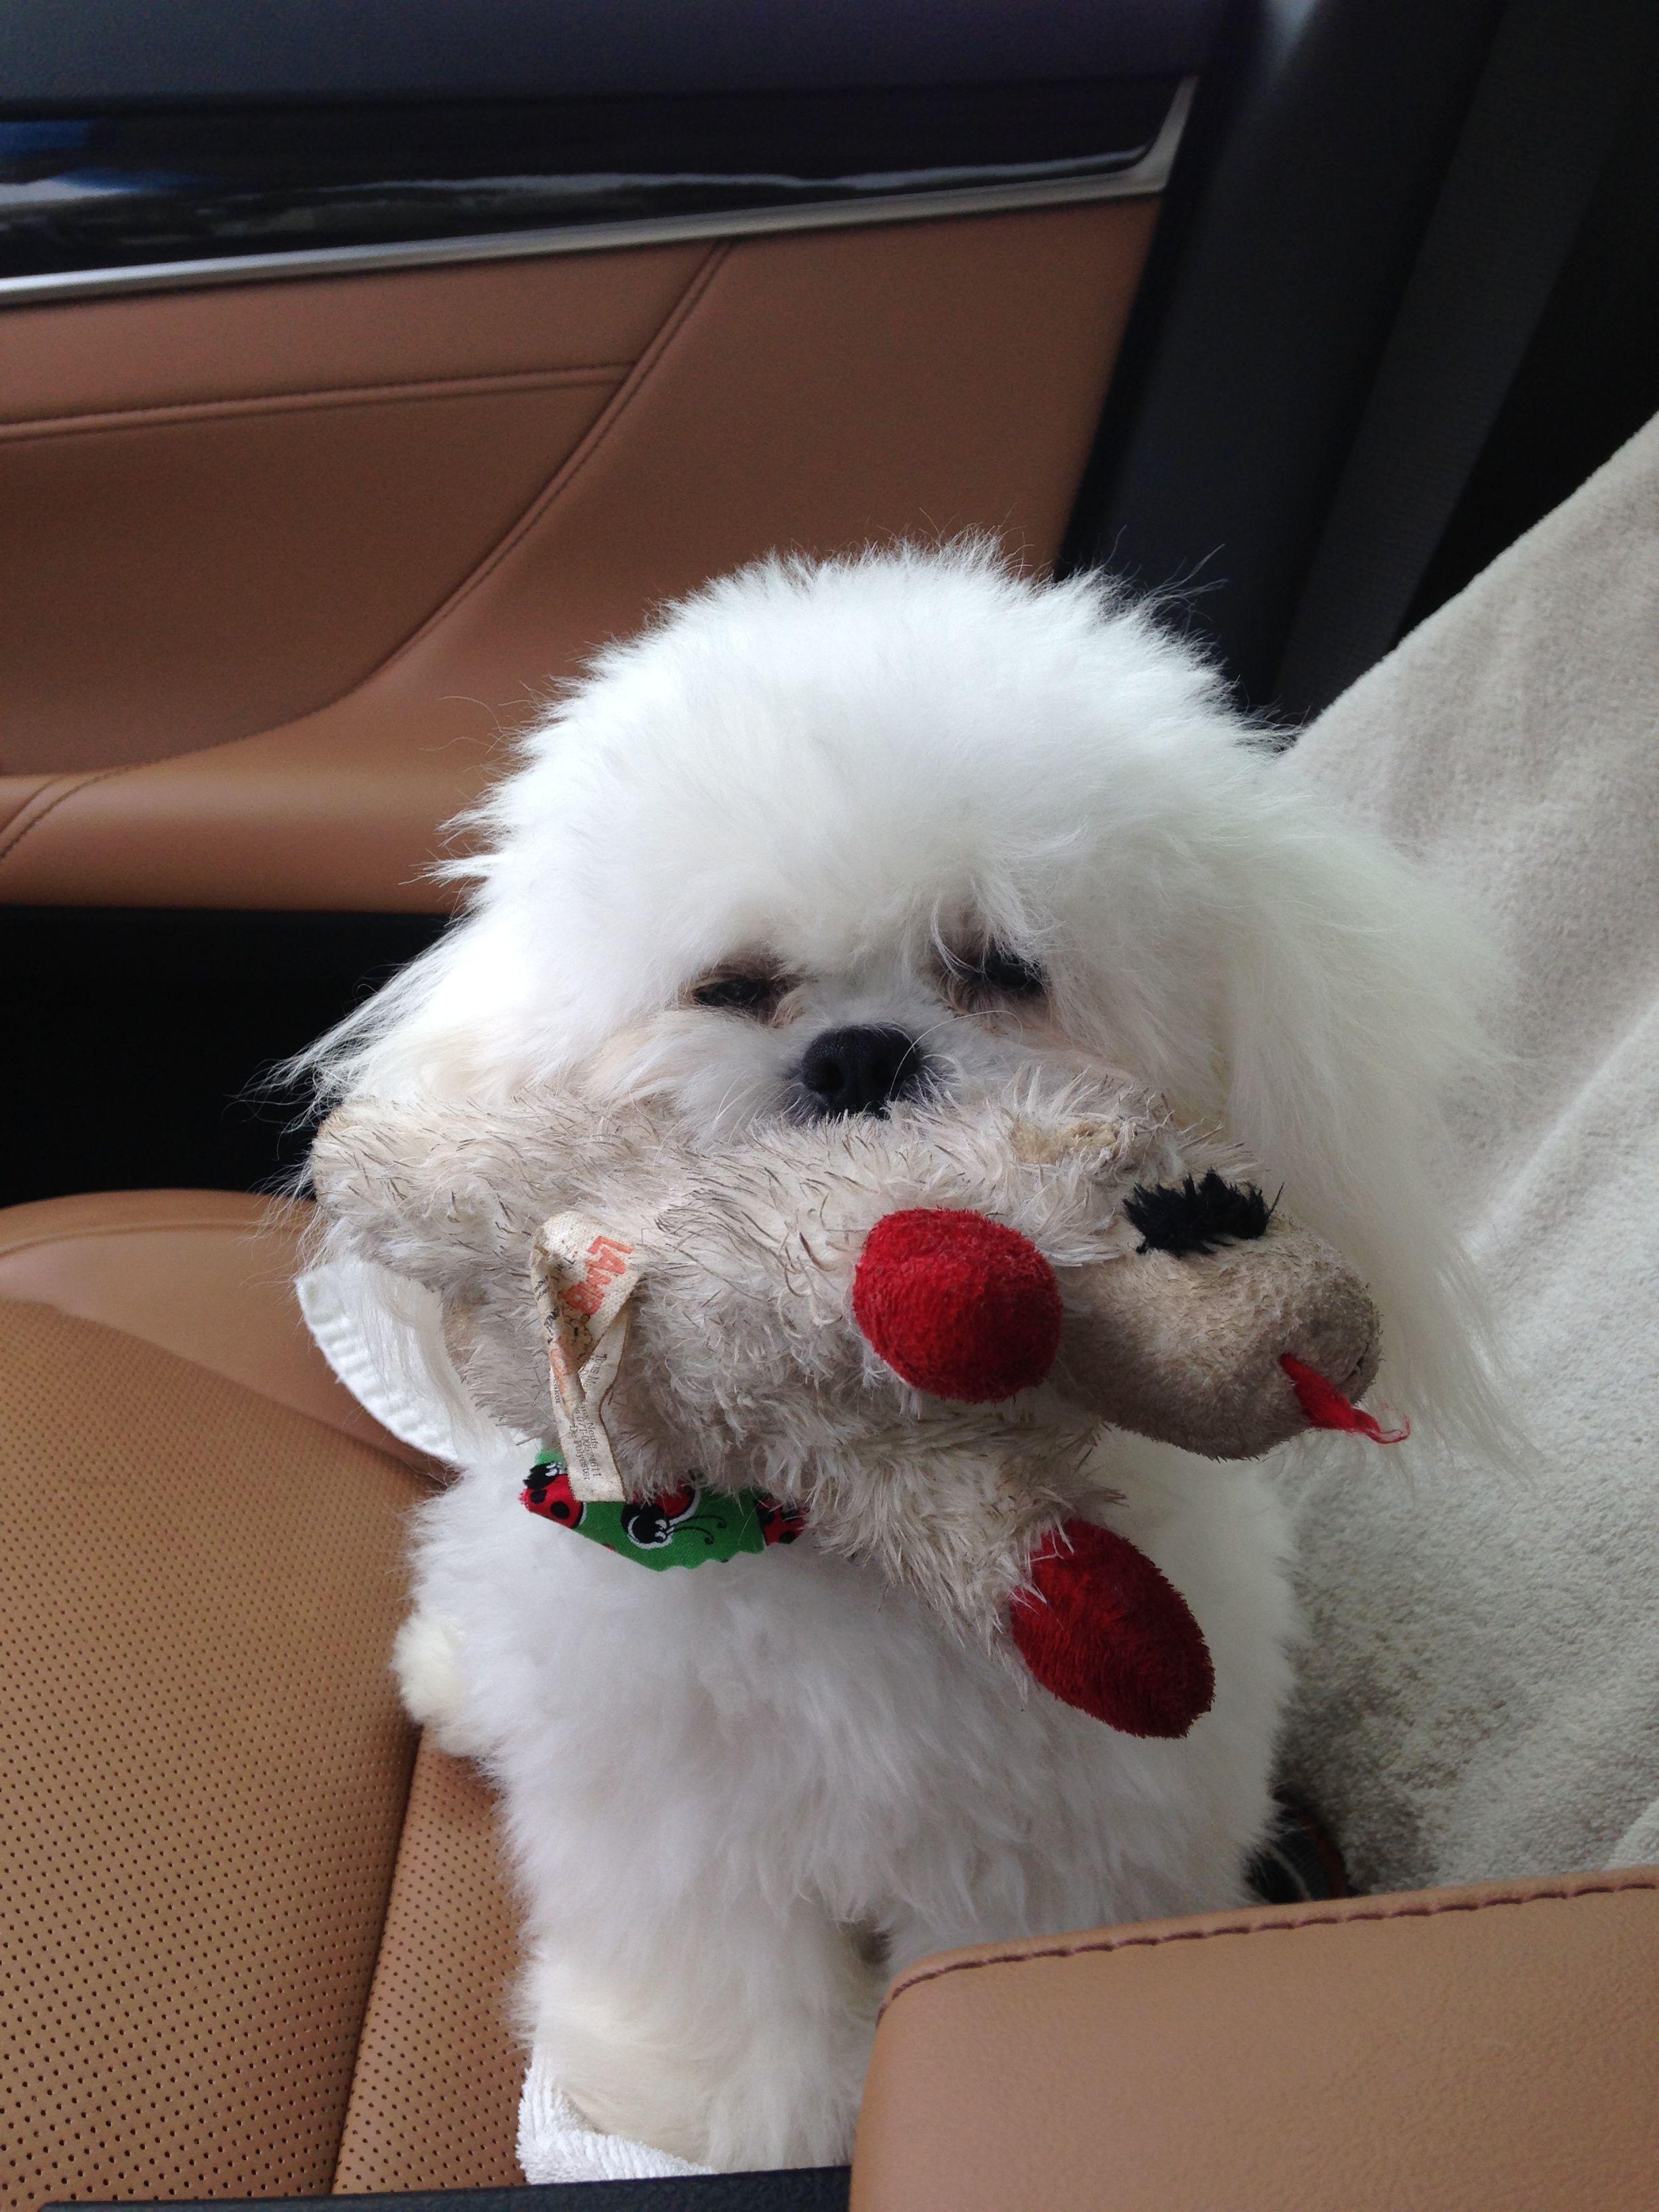 This the dog I got - my precious Ozzie